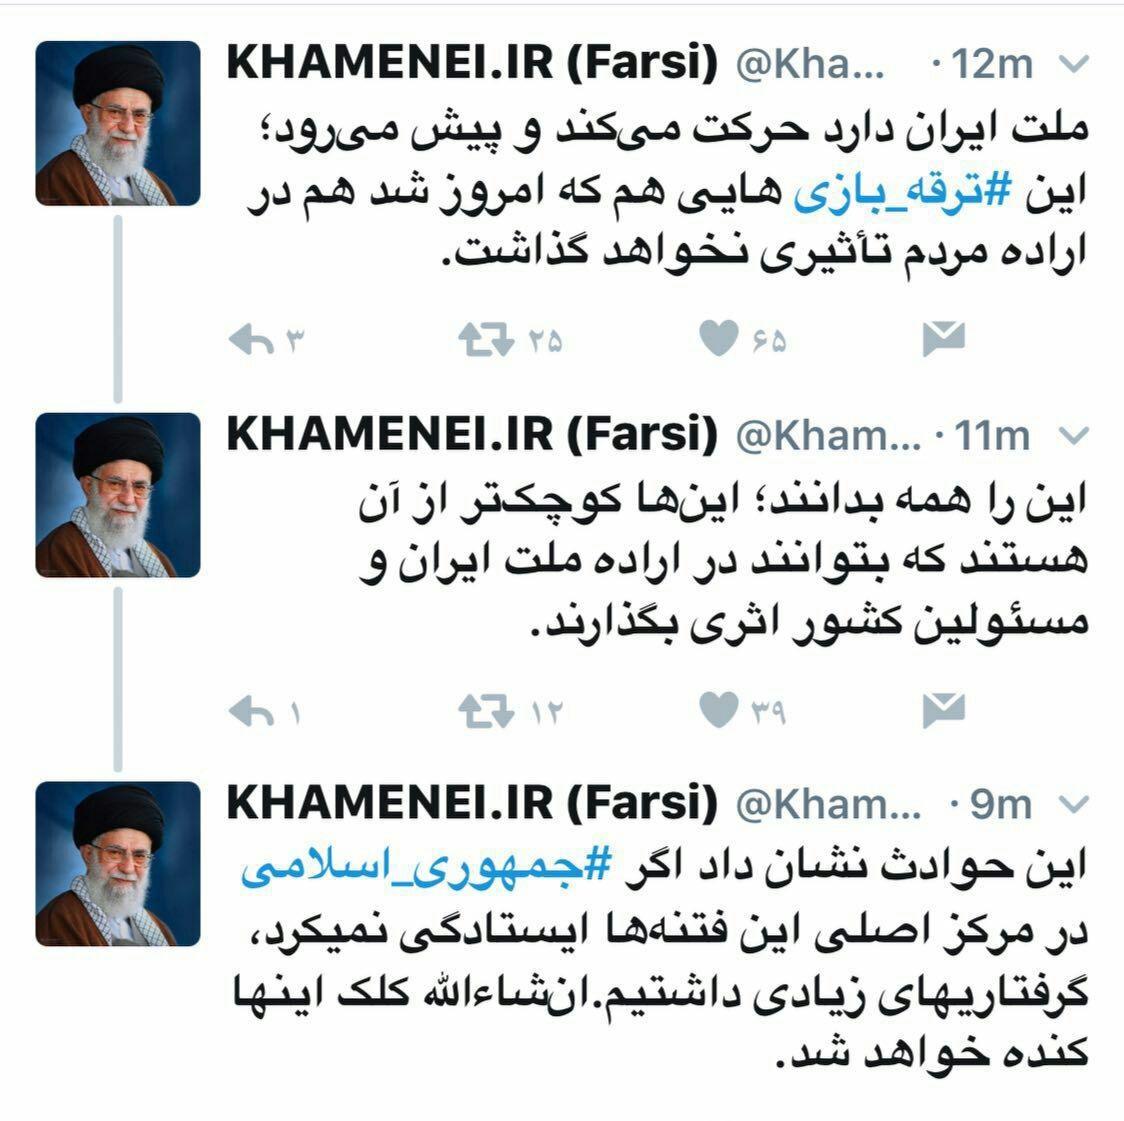 توییت رهبری در واکنش به حوادث تروریستی تهران